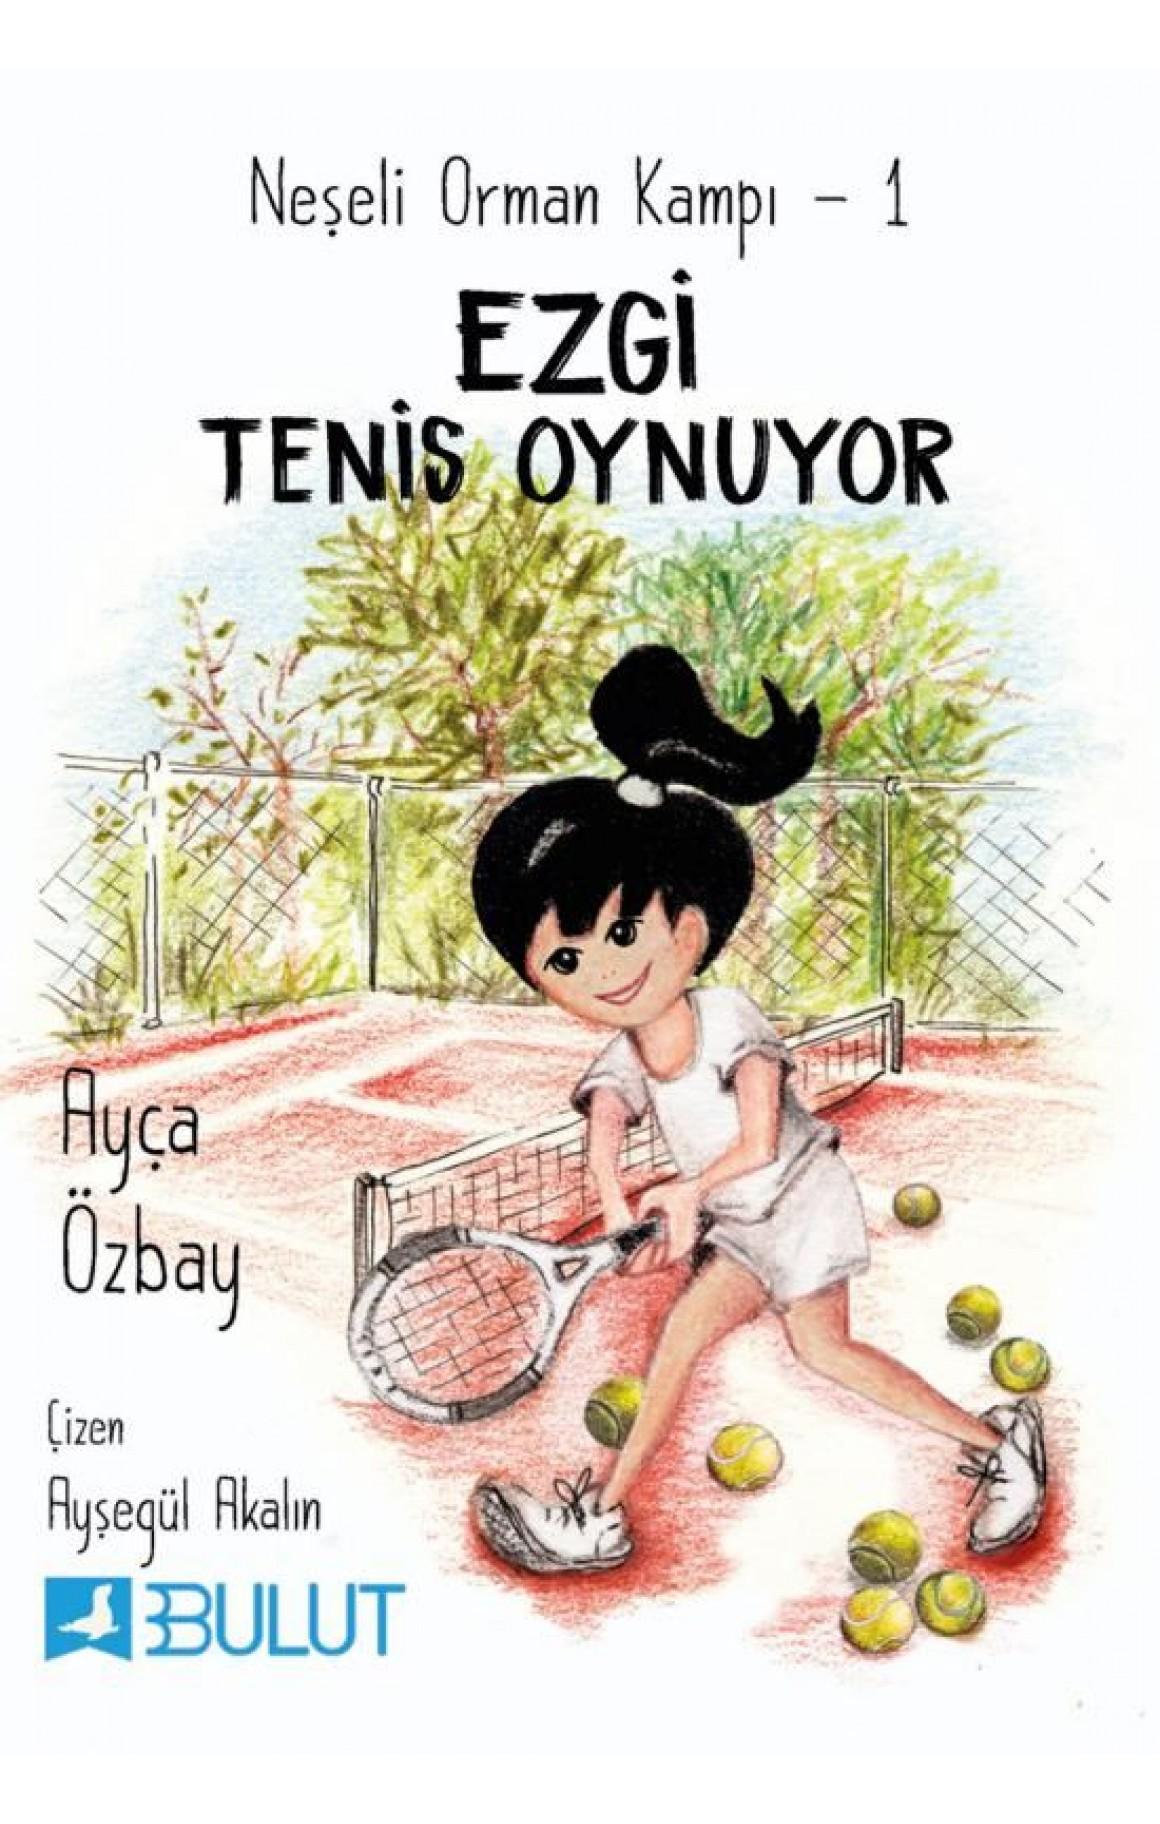 Ezgi Tenis Oynuyor: Neşeli Orman Kampı-1